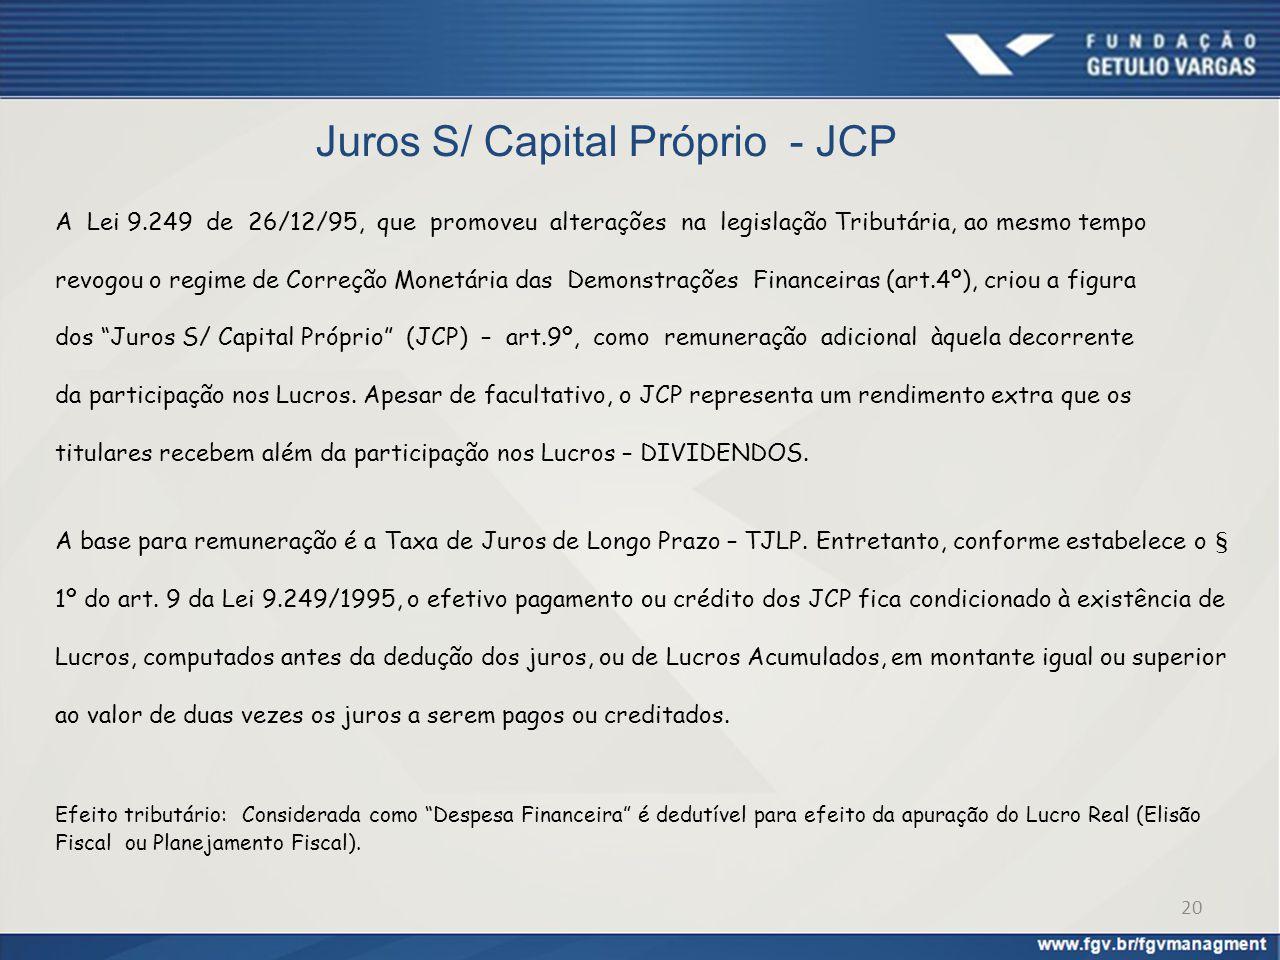 Juros S/ Capital Próprio - JCP A Lei 9.249 de 26/12/95, que promoveu alterações na legislação Tributária, ao mesmo tempo revogou o regime de Correção